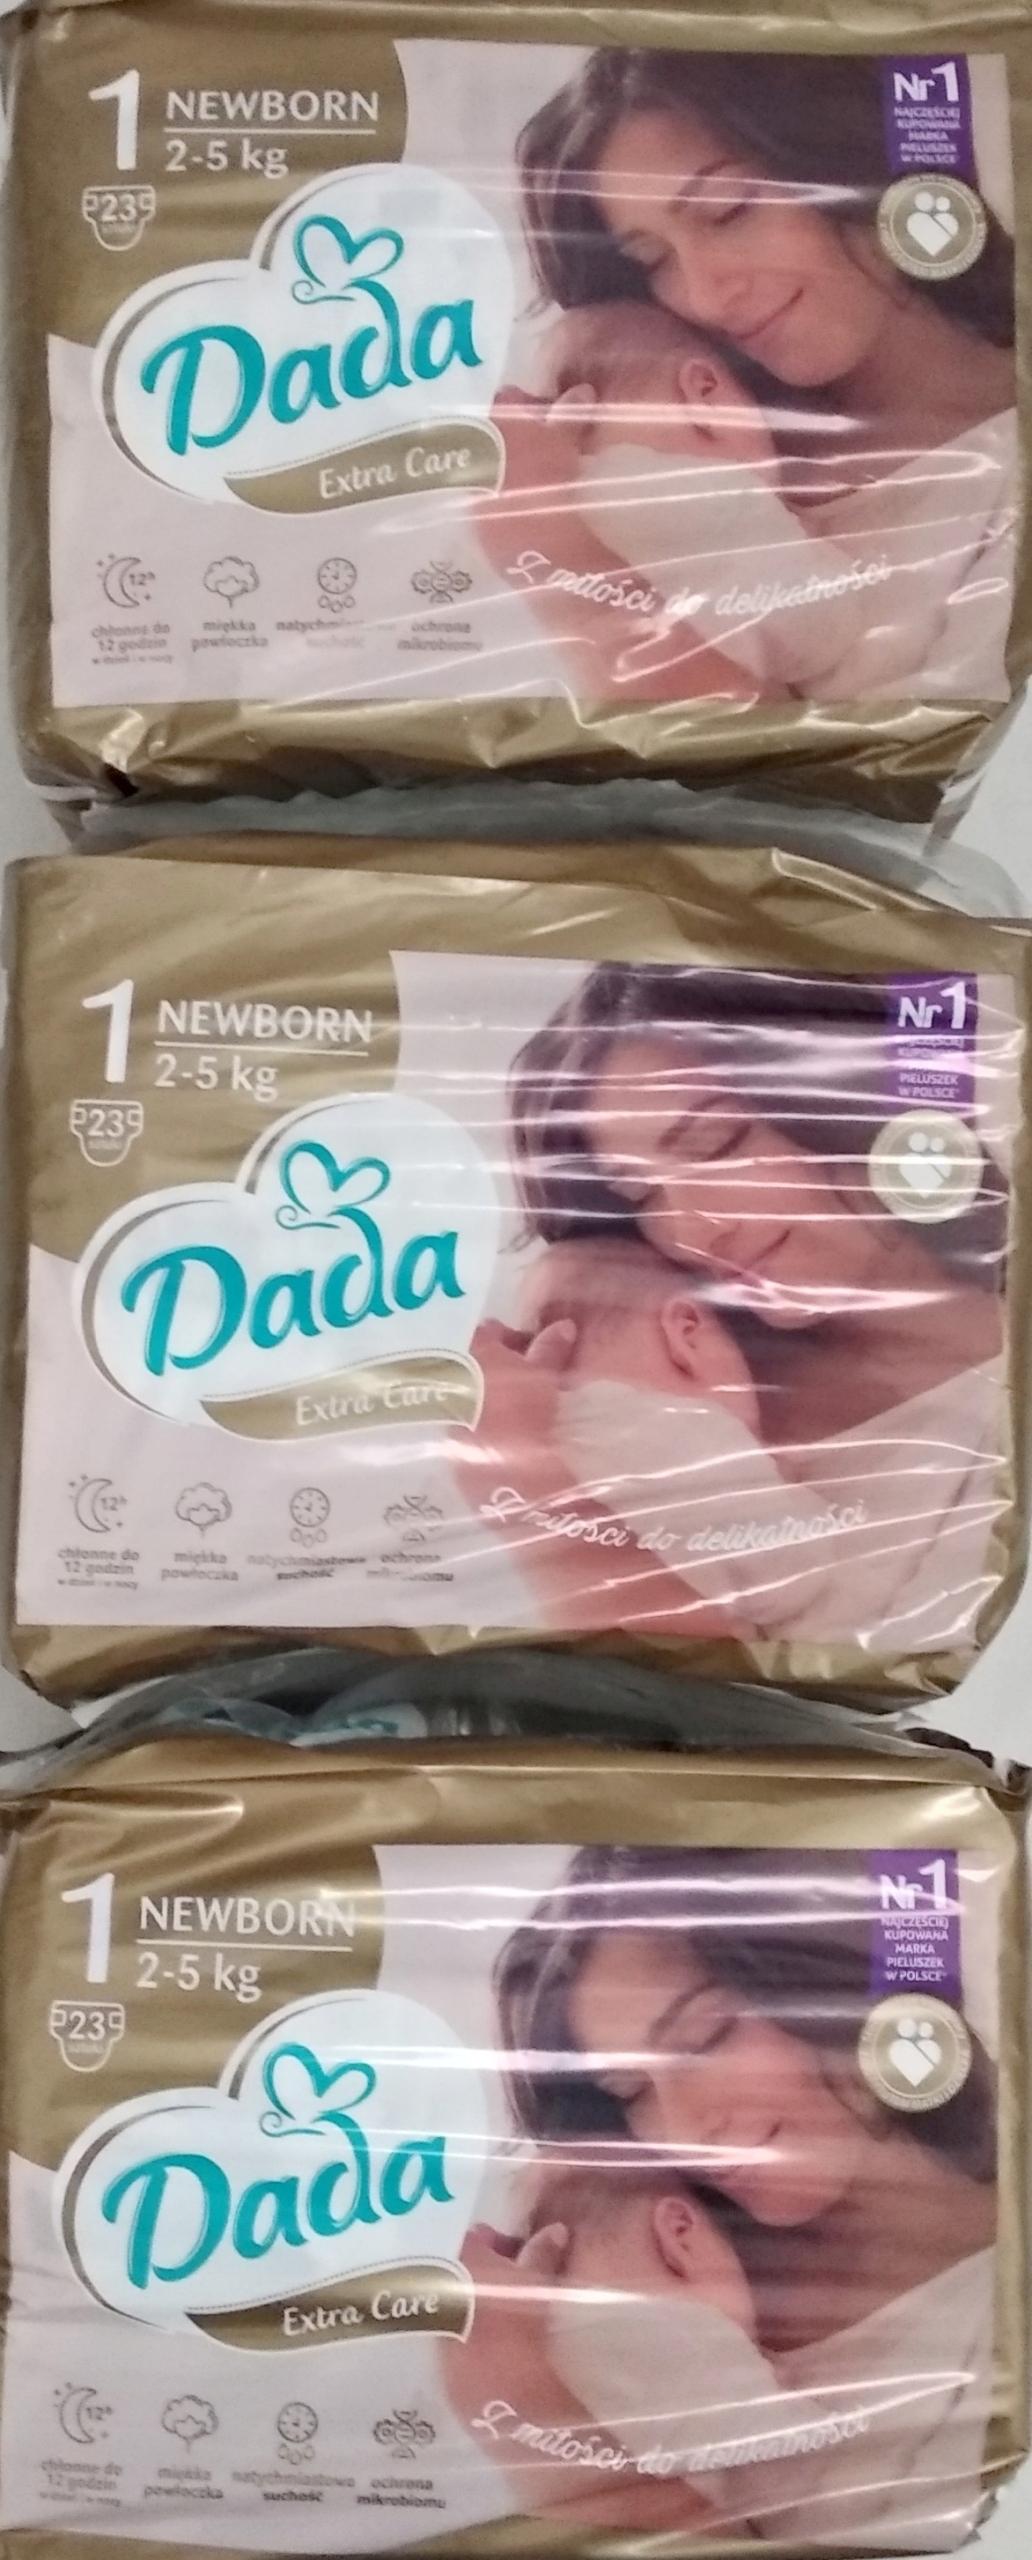 Паггерси Дада 1 Дополнительная помощь 1 новорожденный 2-5 кг 3x23